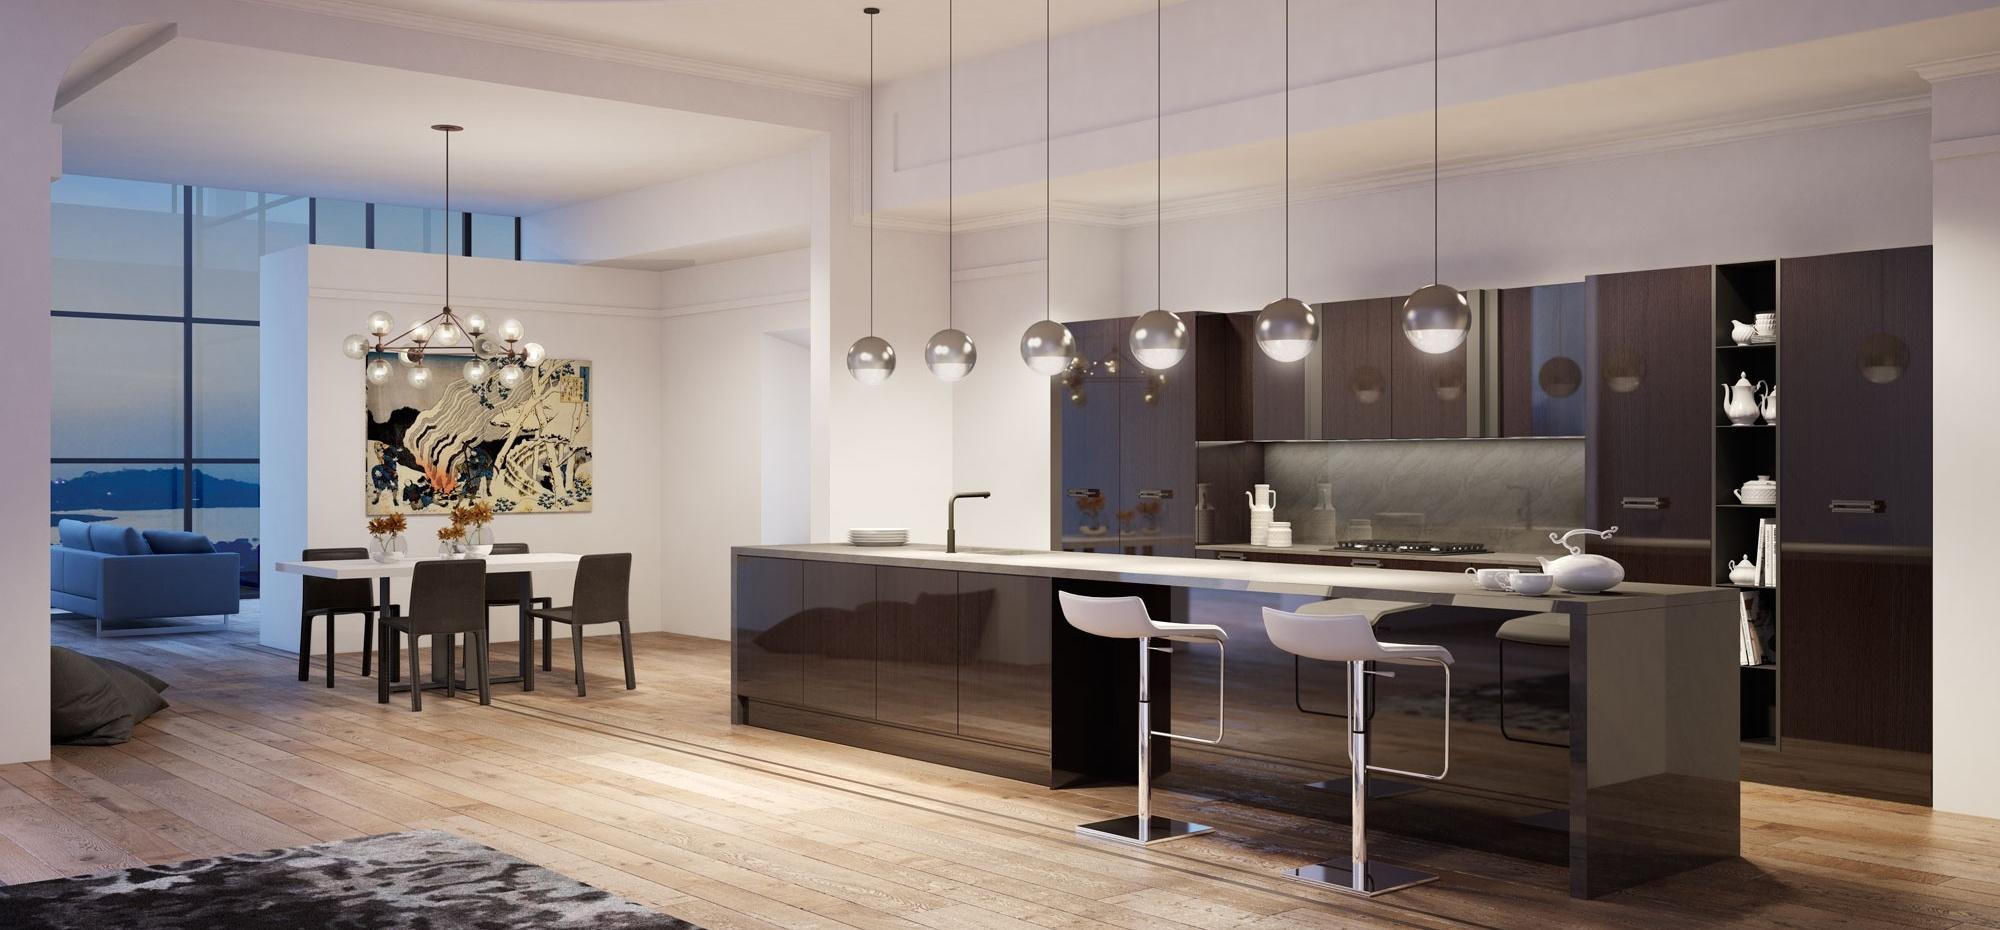 Ispirazioni di cucine soggiorni e altri ambienti interni for Cucina e roma